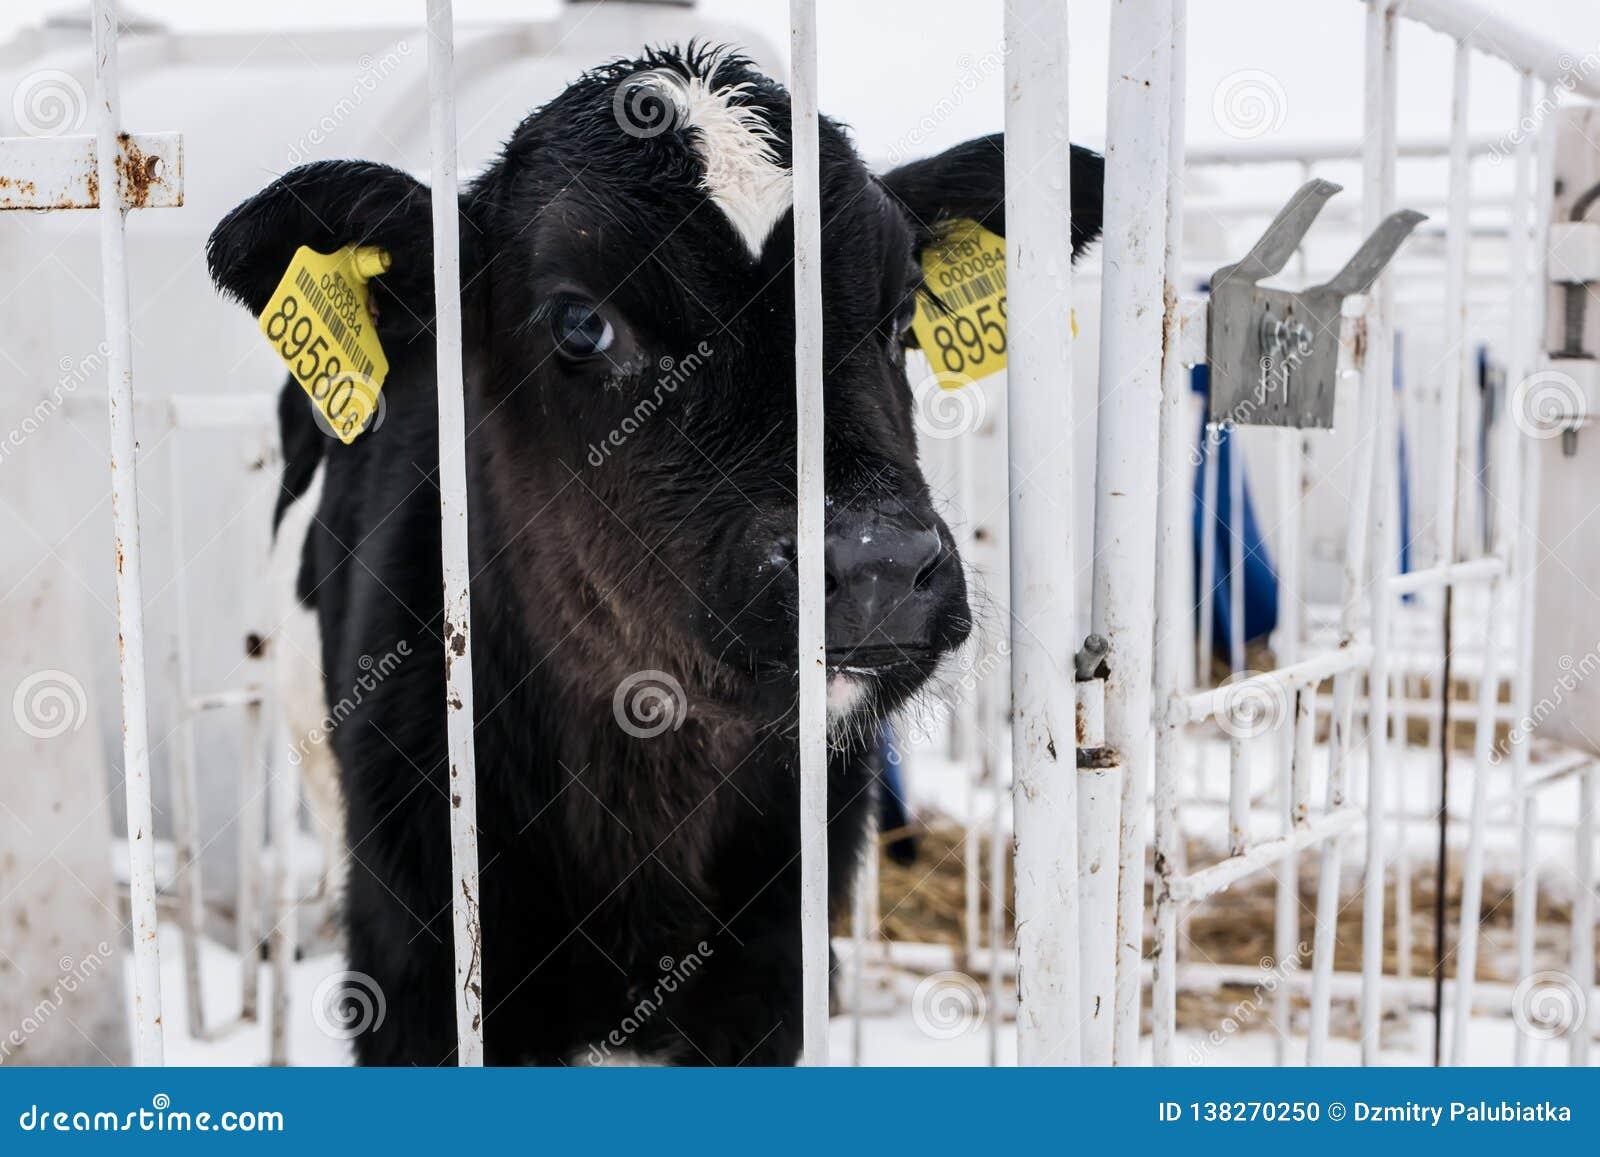 Λίγος μόσχος σε ένα γαλακτοκομικό αγρόκτημα καλλιέργεια